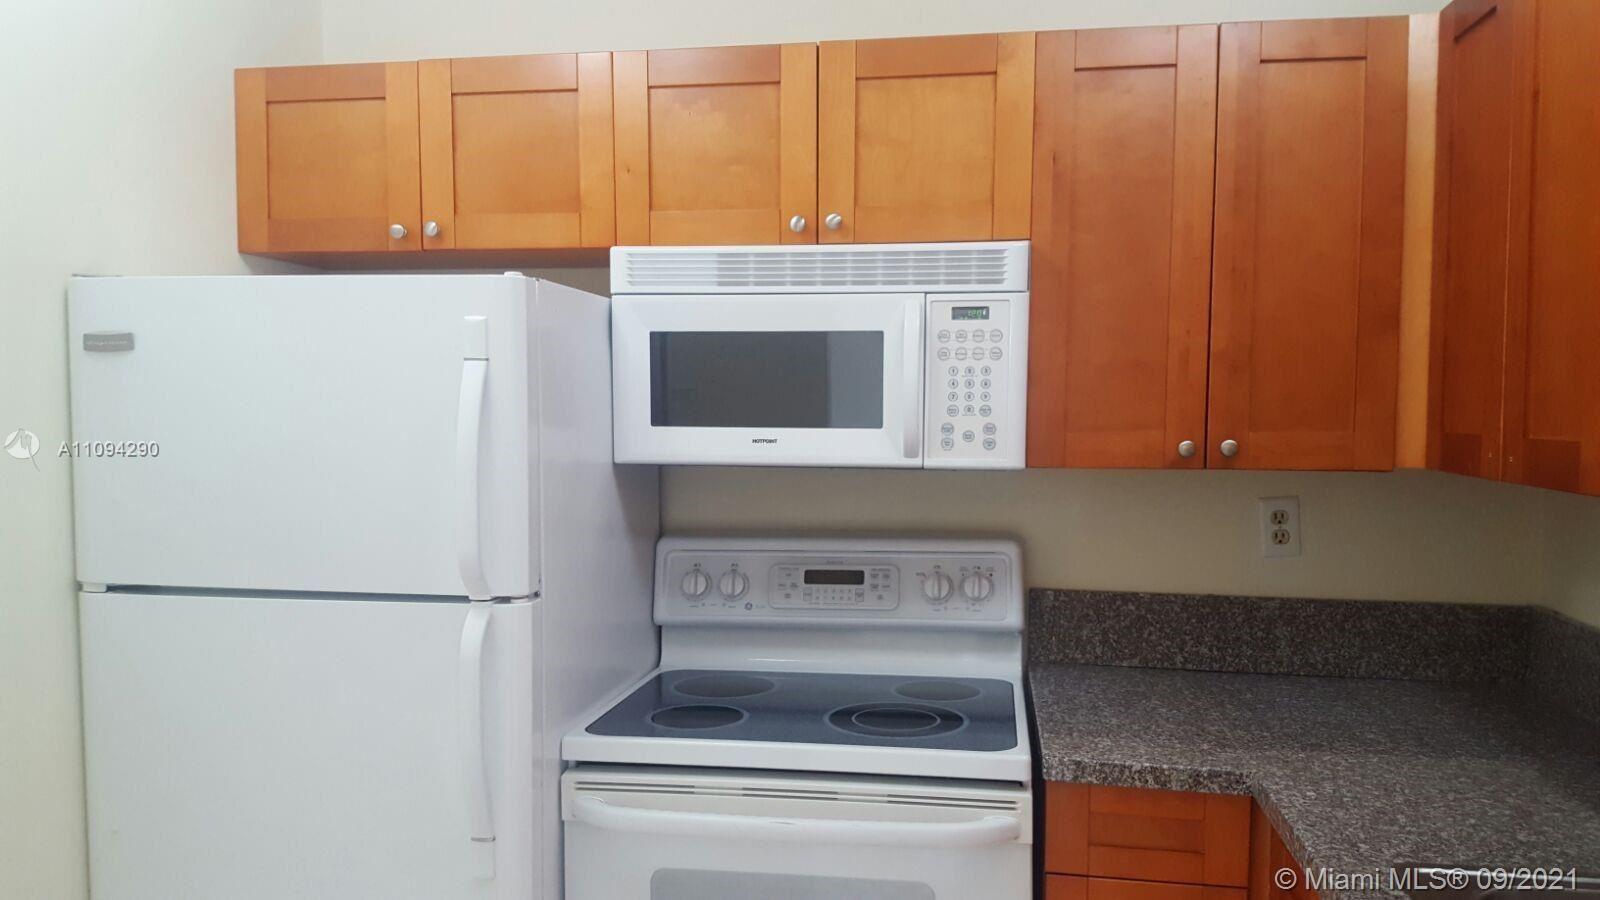 498 NW 165th St Rd #D-302, Miami, FL 33169 - #: A11094290